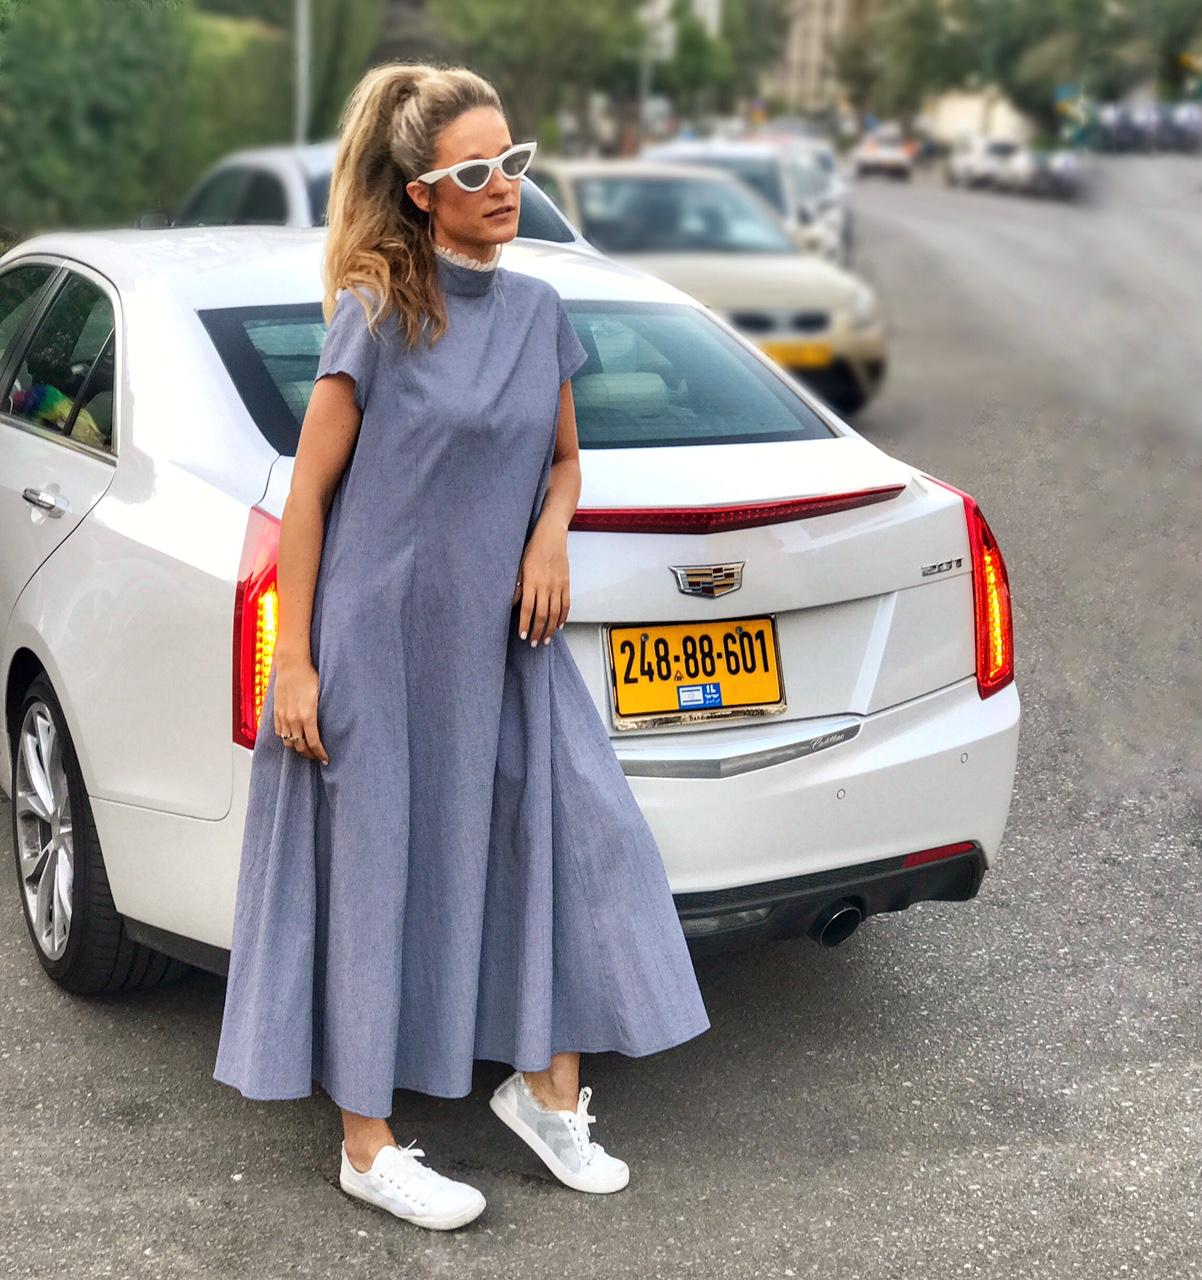 ברחובות תל אביב (שמלה: דורין פרנקפורט)